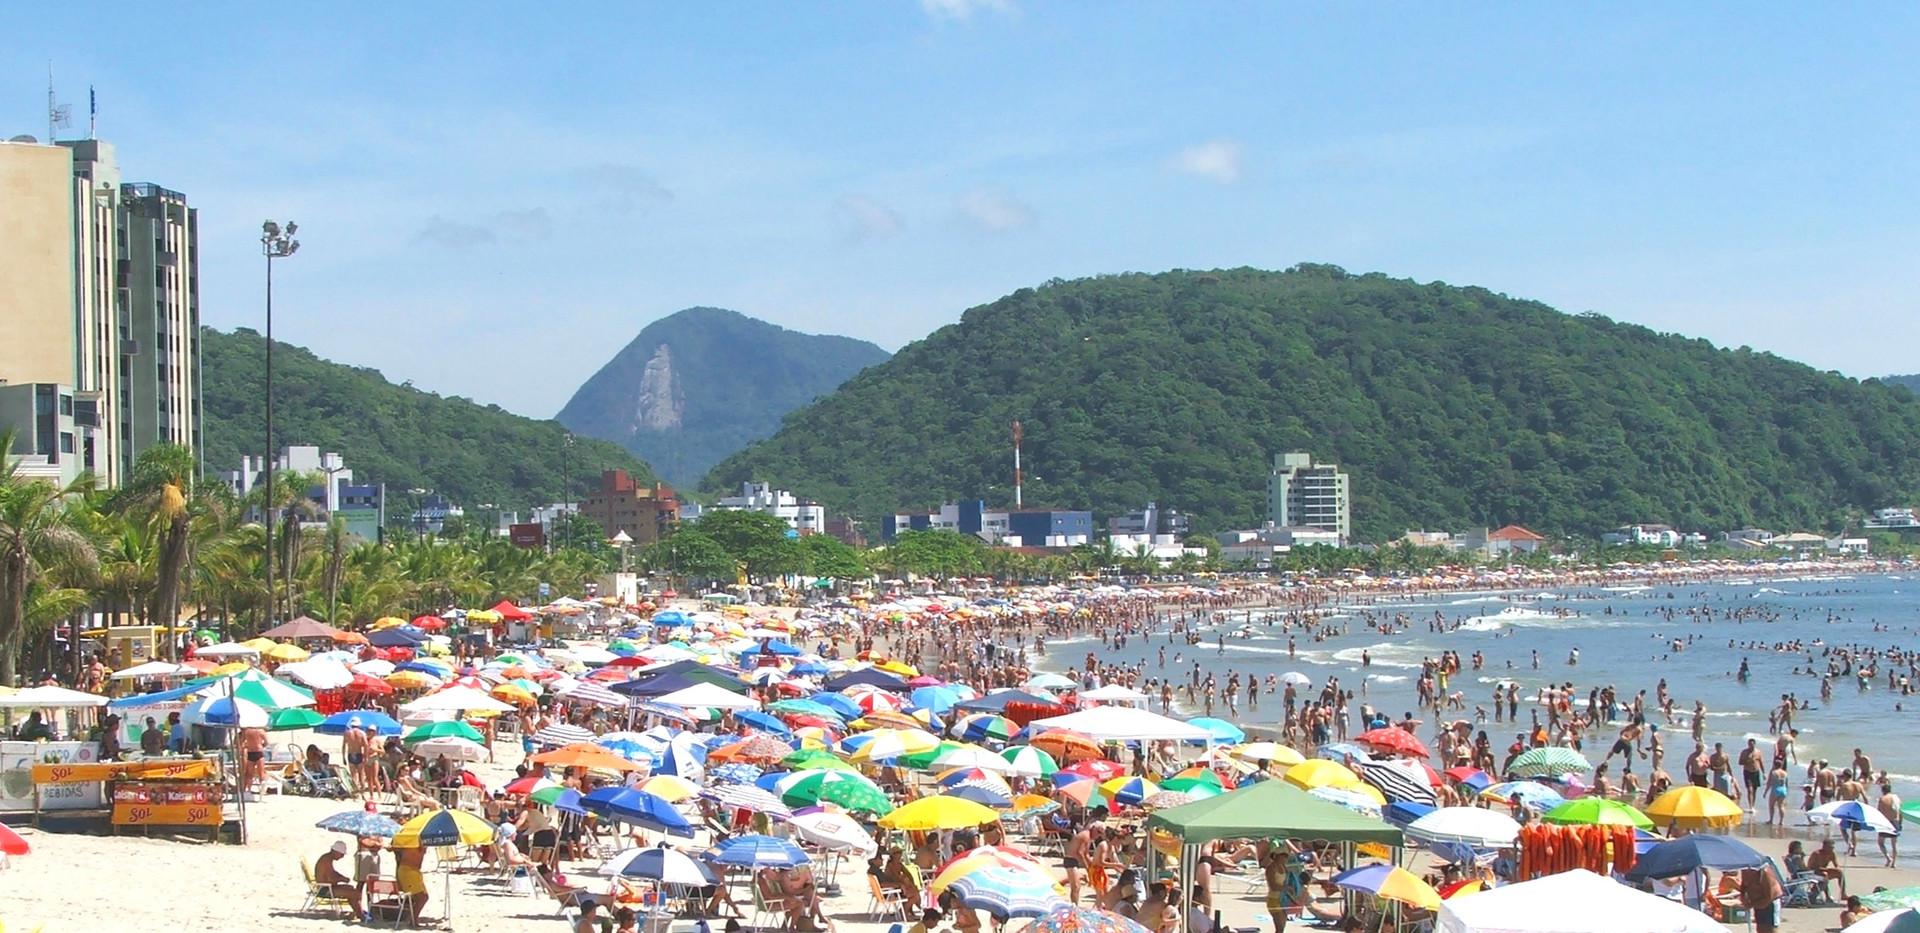 Praia_central_de_Guaratuba.jpg